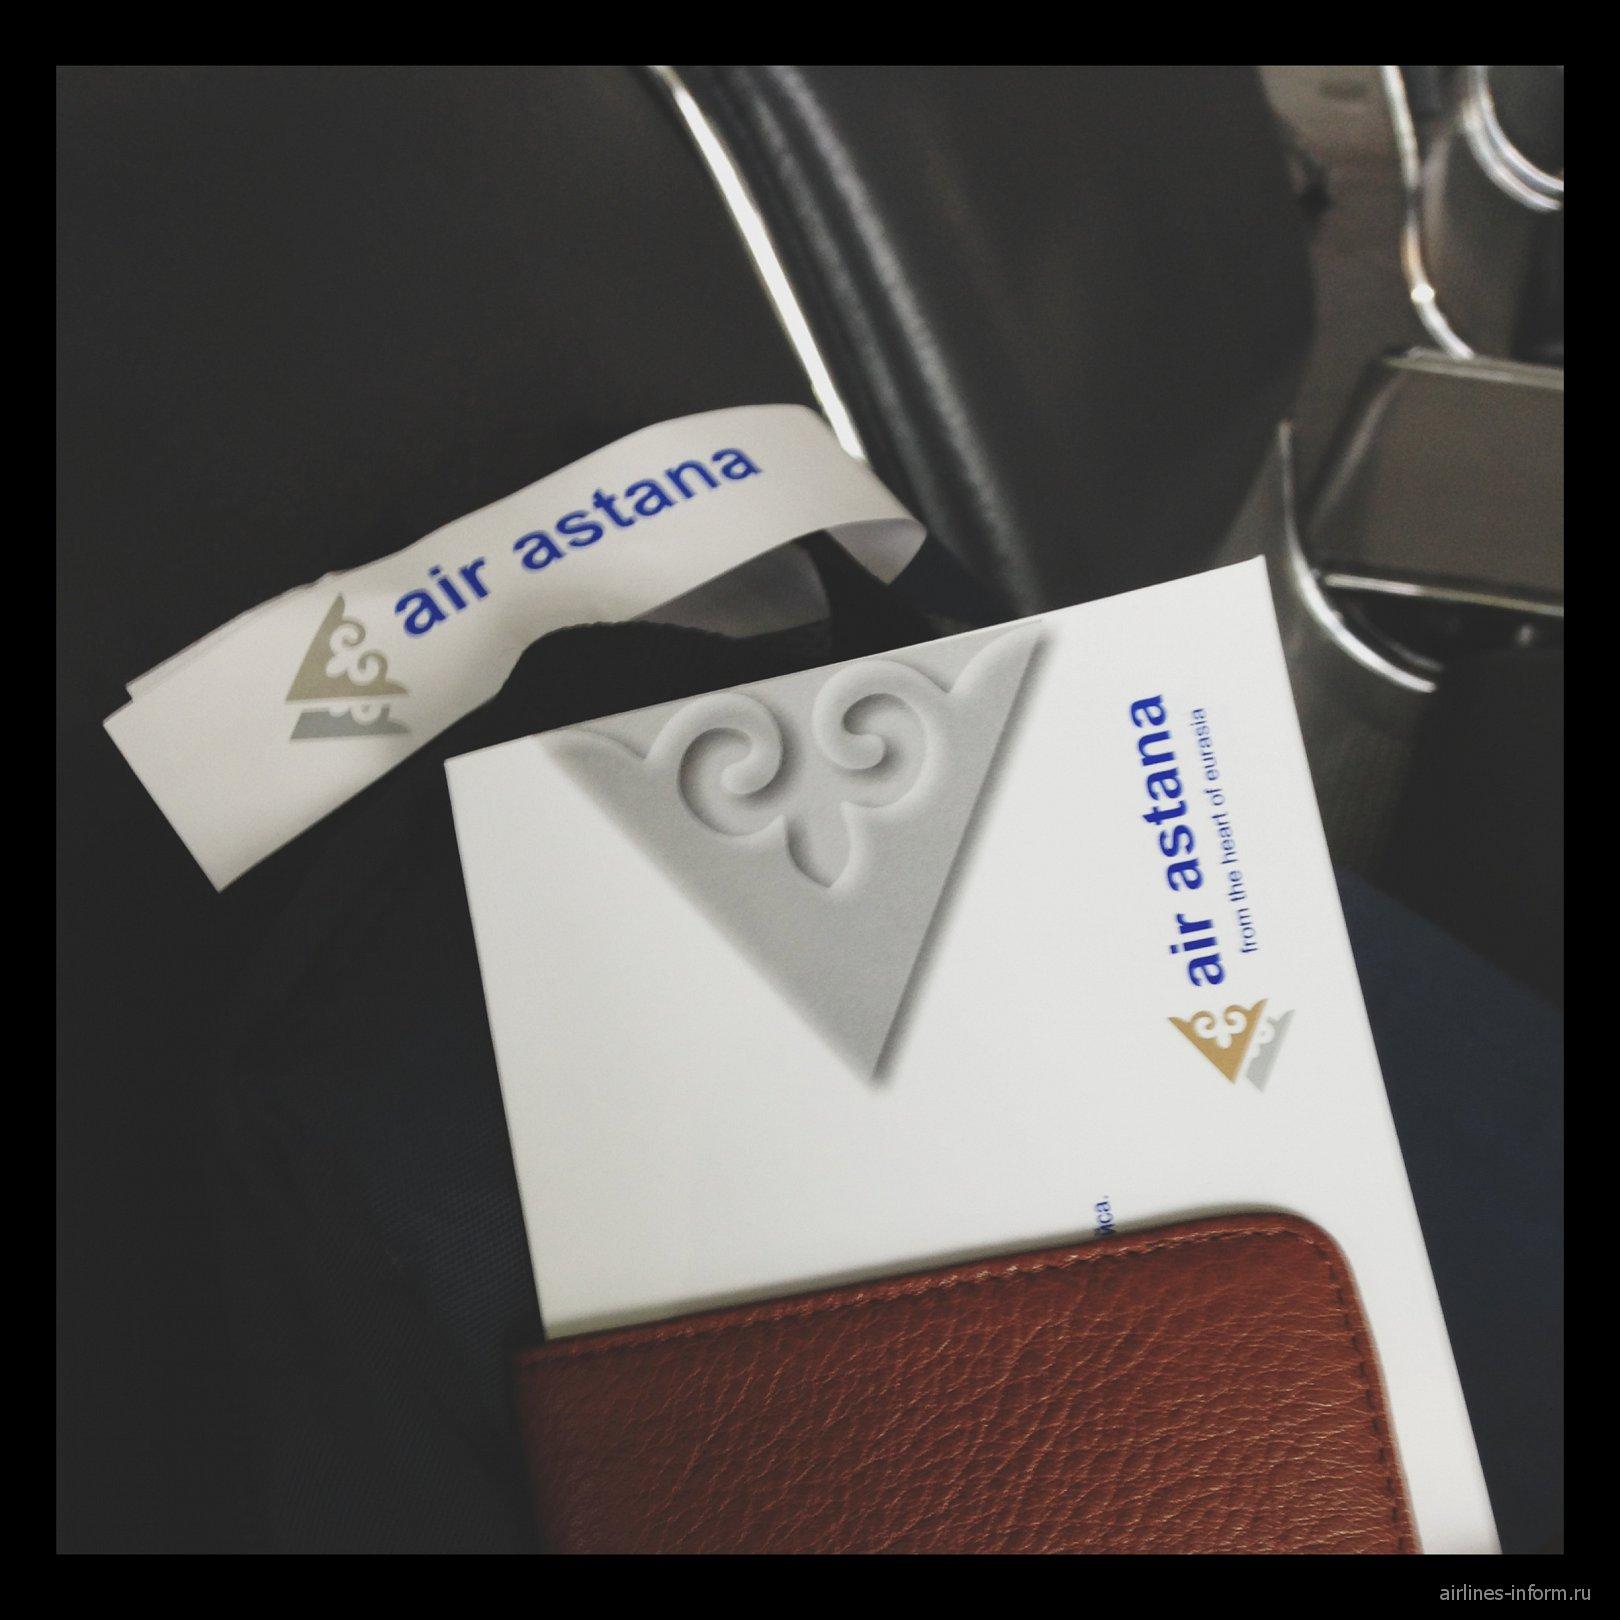 Посадочные бирки авиакомпании авиакомпании Air Astana